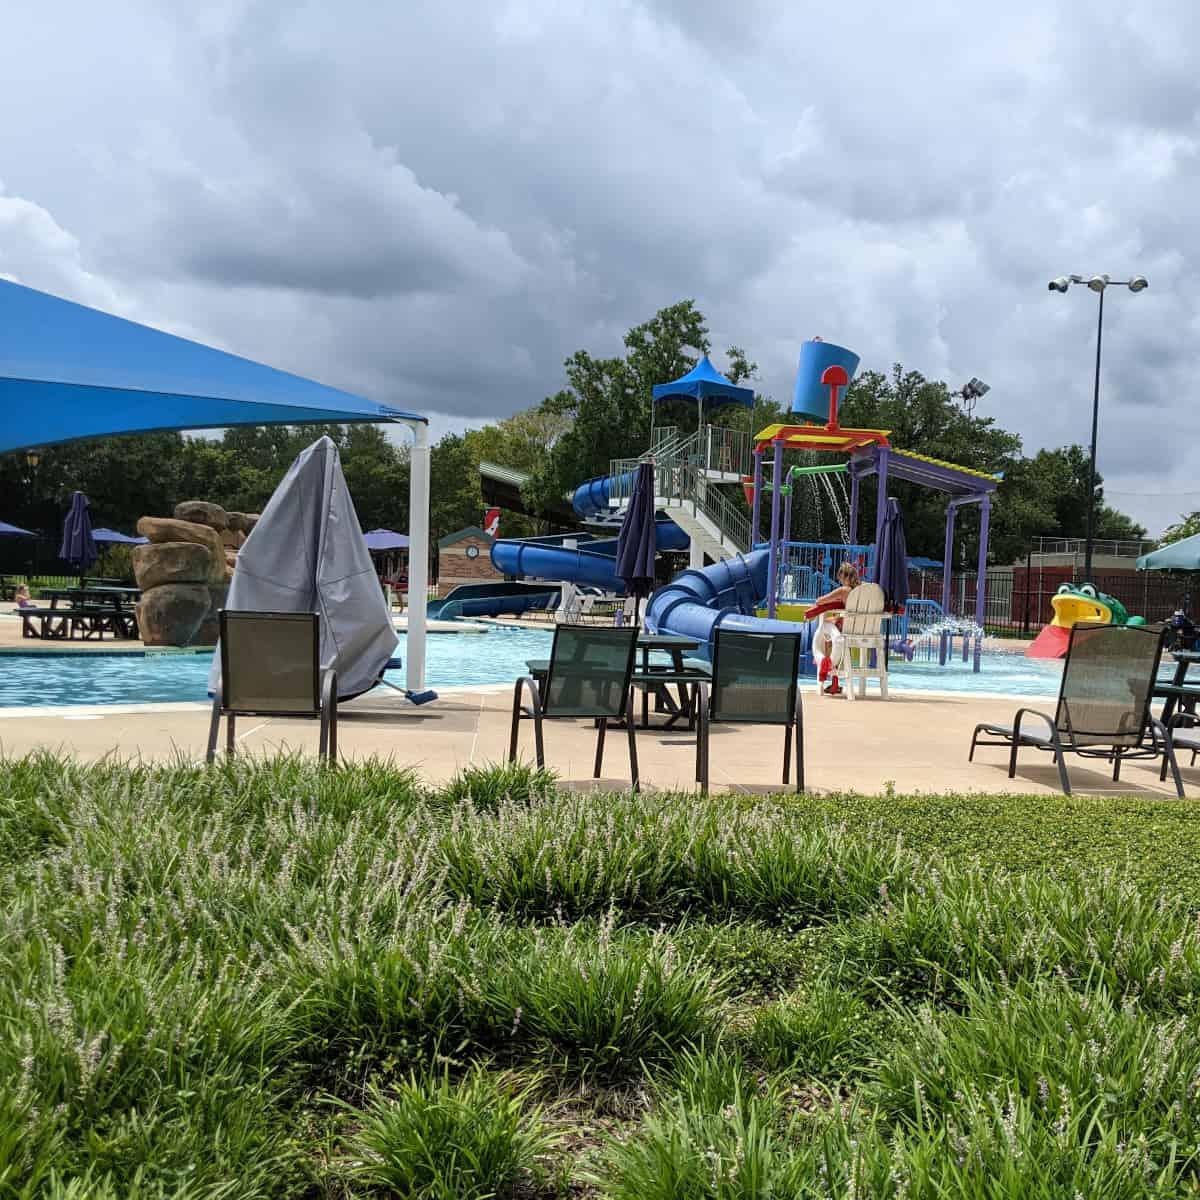 Bellaire Aquatic Center